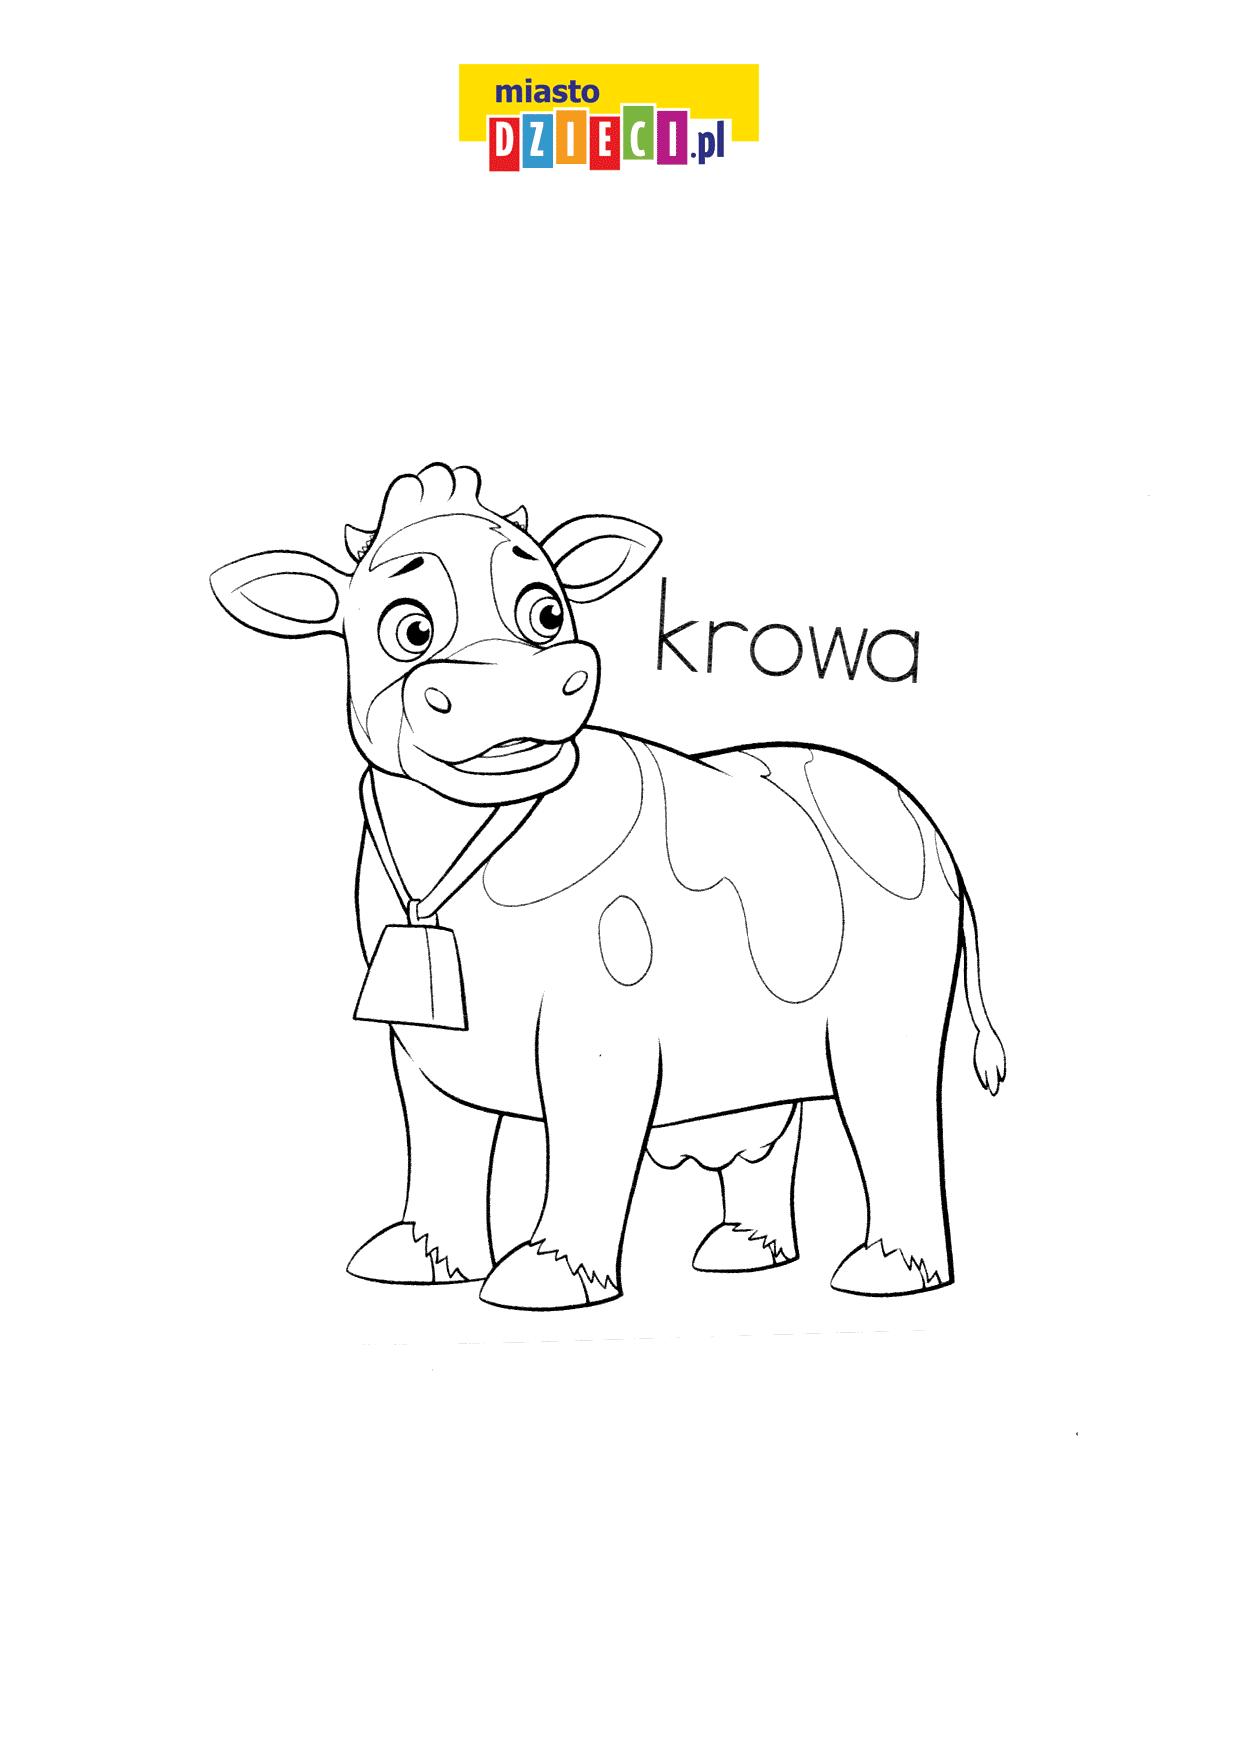 krowa - pisz po śladzie kolorowanka z krową do druku